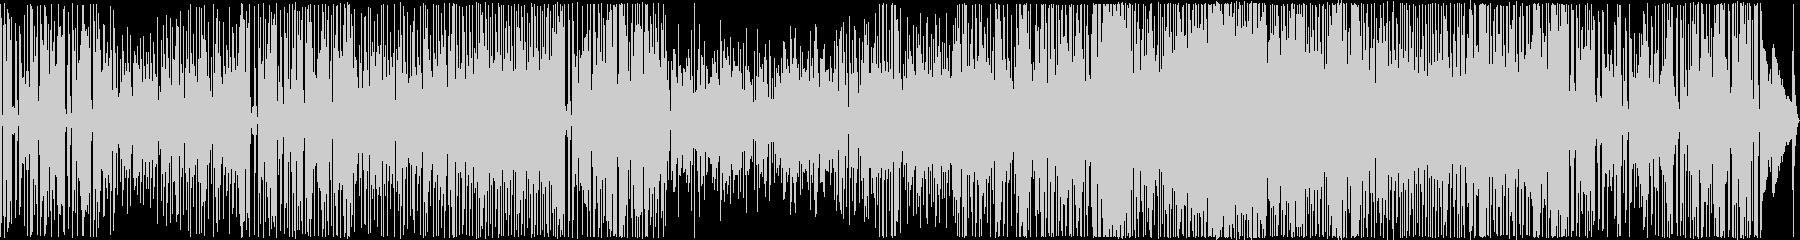 躍動感のあるピアノトリオの未再生の波形